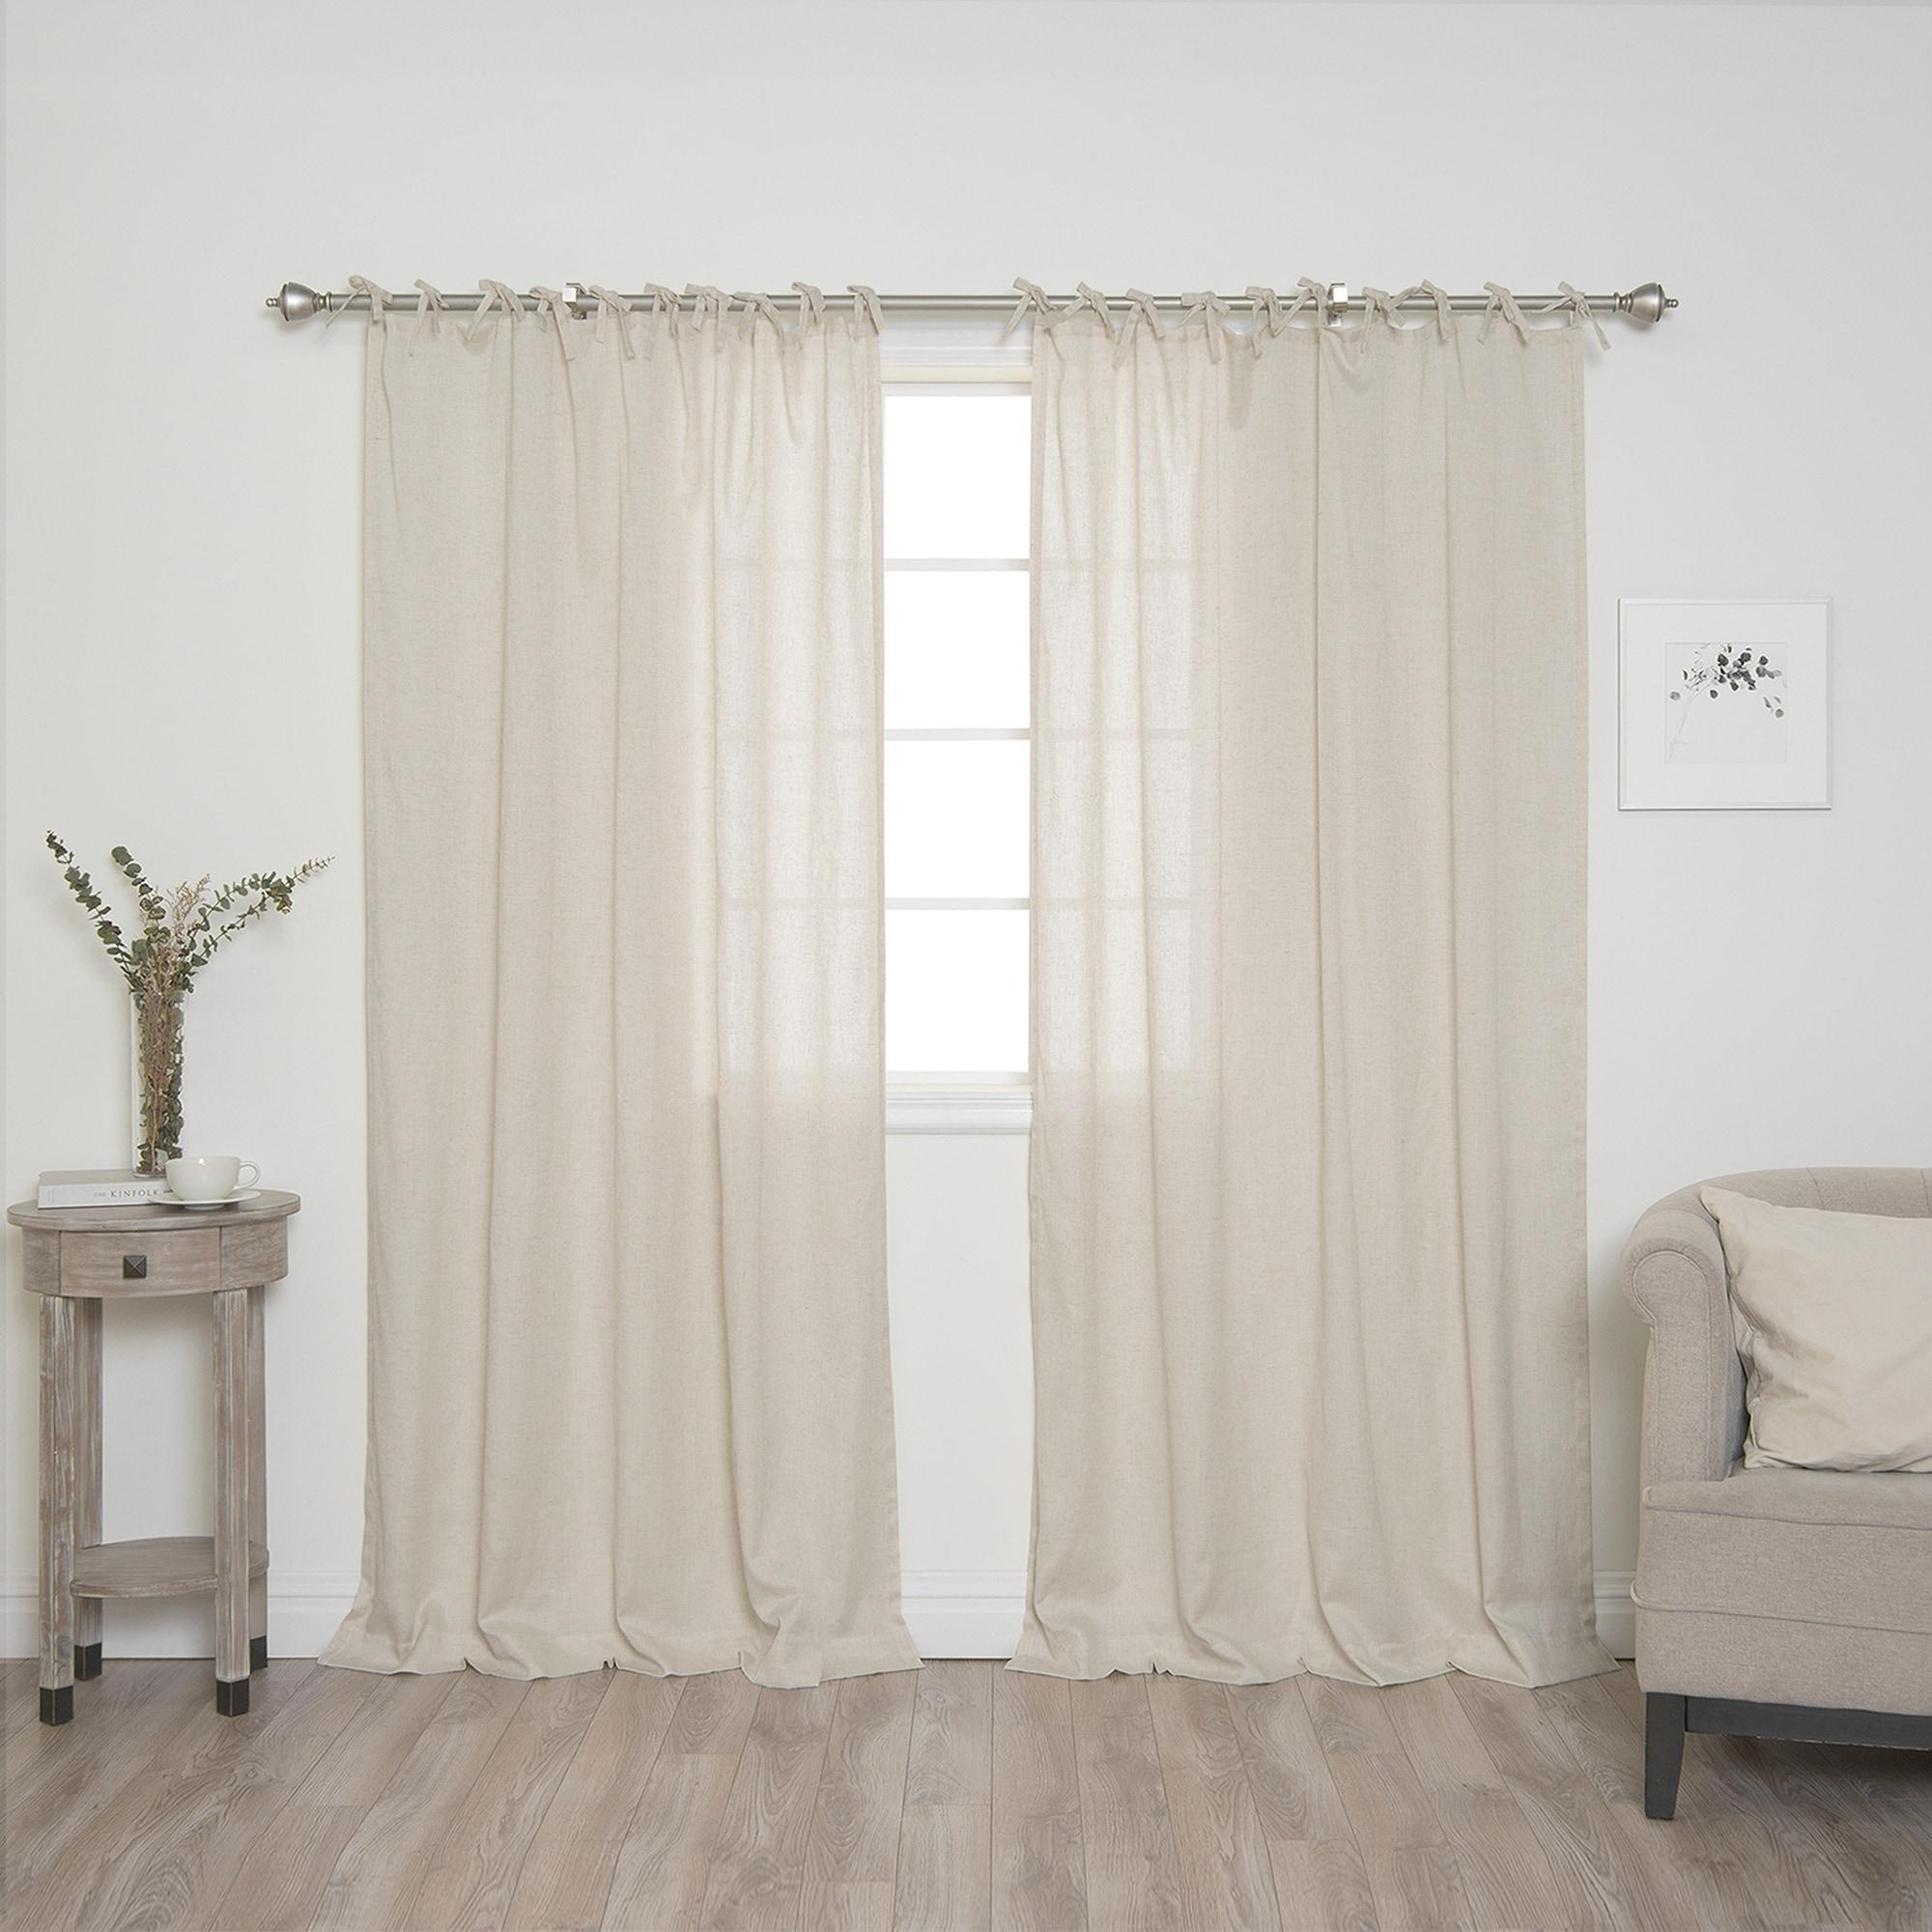 linen curtain home l premier blackout collections curtains textured versailtex faux decor h plaid beige panel